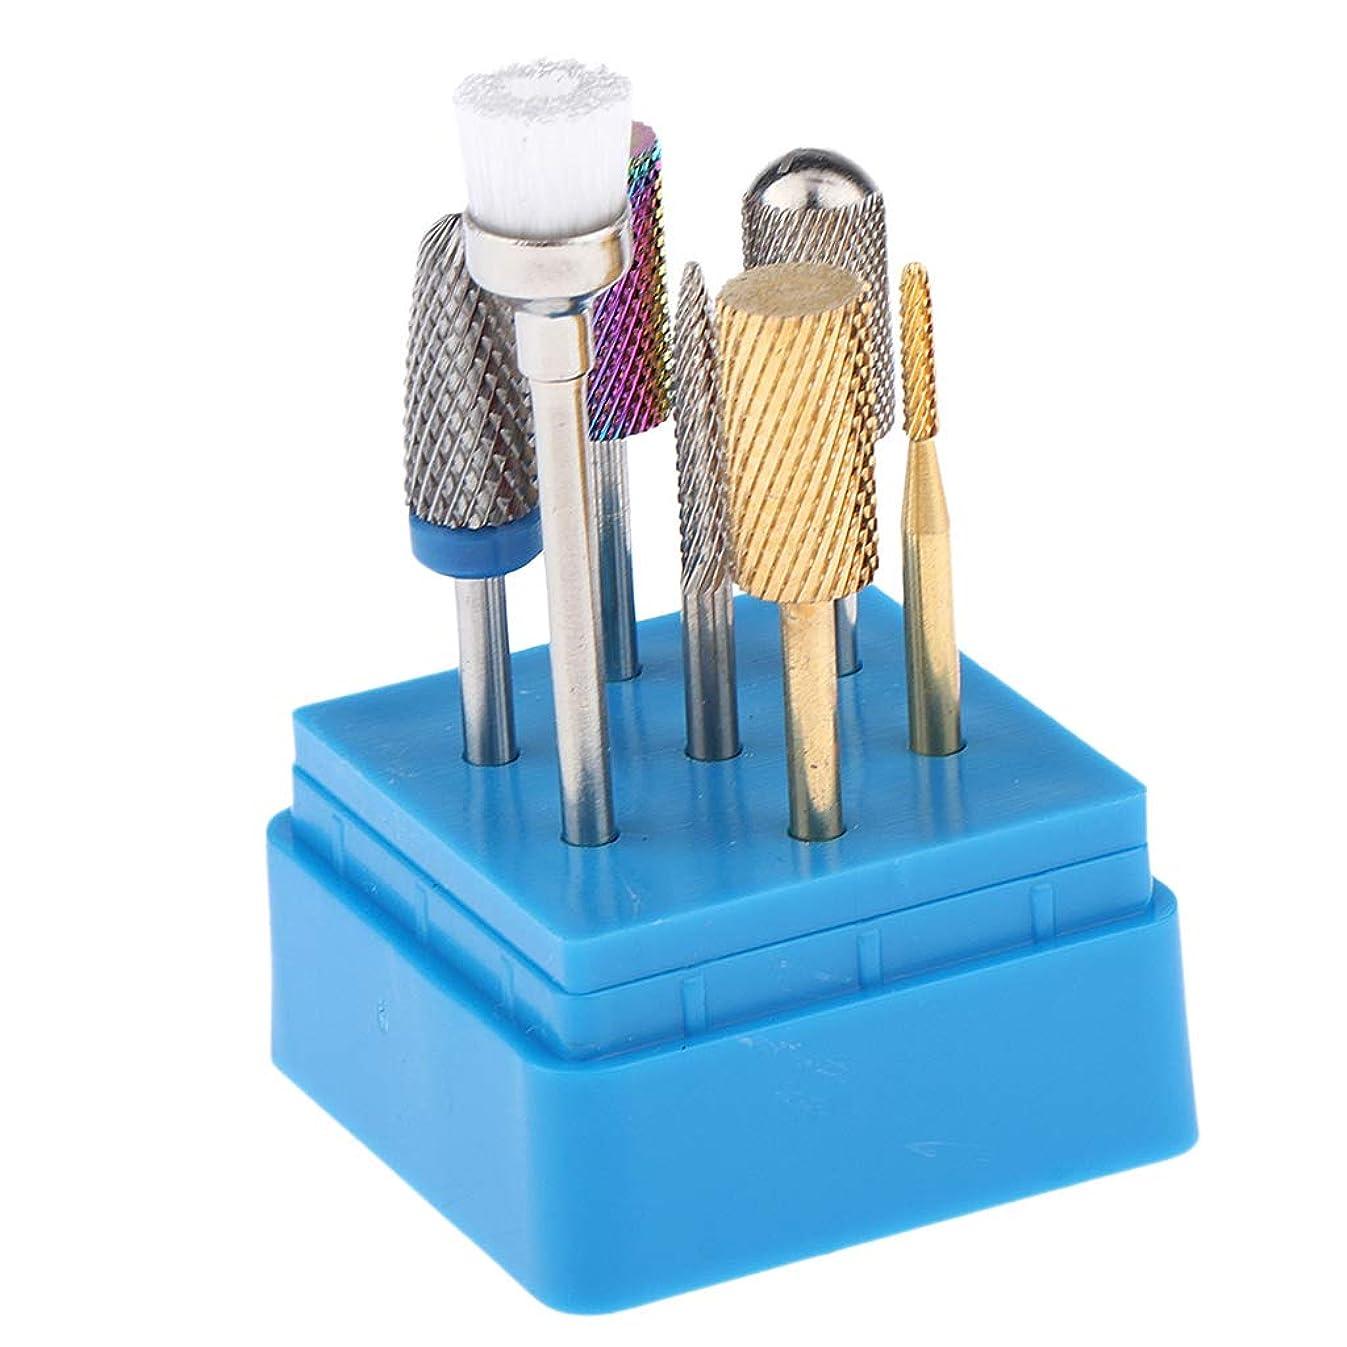 モノグラフ留まるカートCUTICATE マニキュア 美容釘の大広間 タングステン鋼 鉄用 磨くブラシ 釘の穴あけ工具 7個